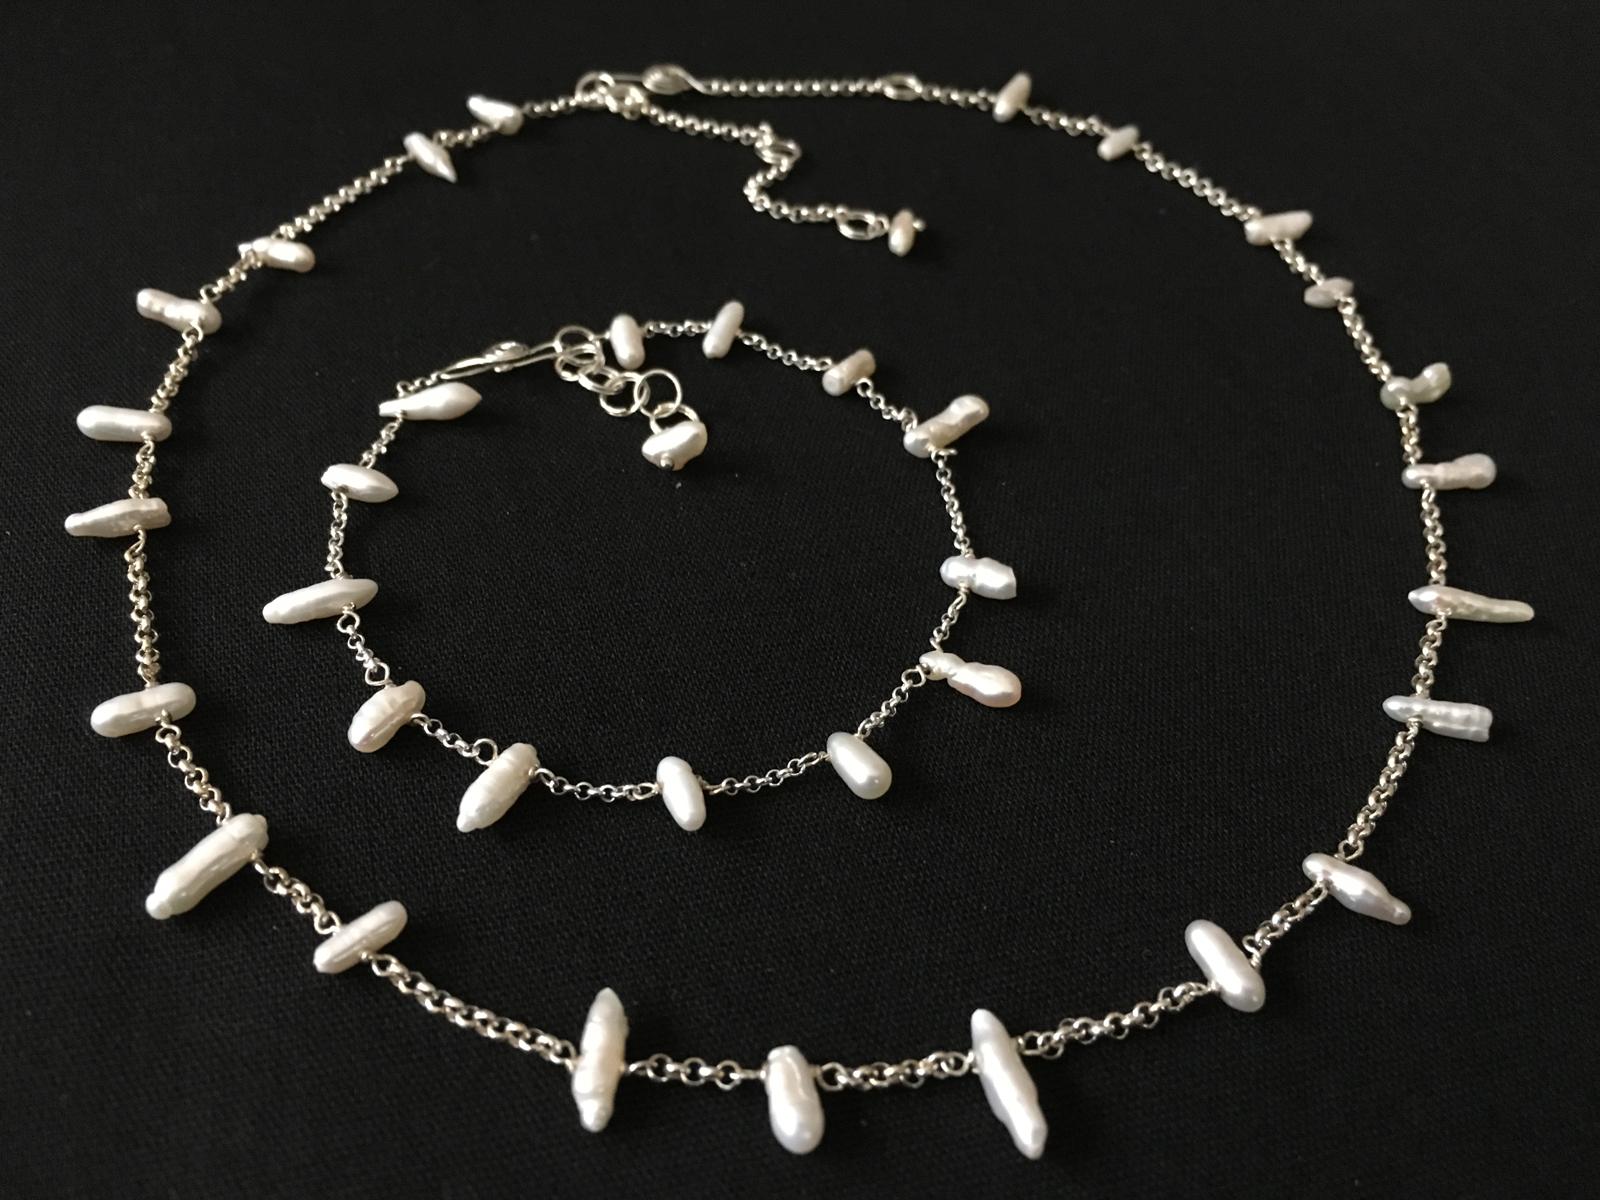 Picket Fence 2018  Necklace, Bracelet & Earrings  Freshwater Pearl, Sterling Silver